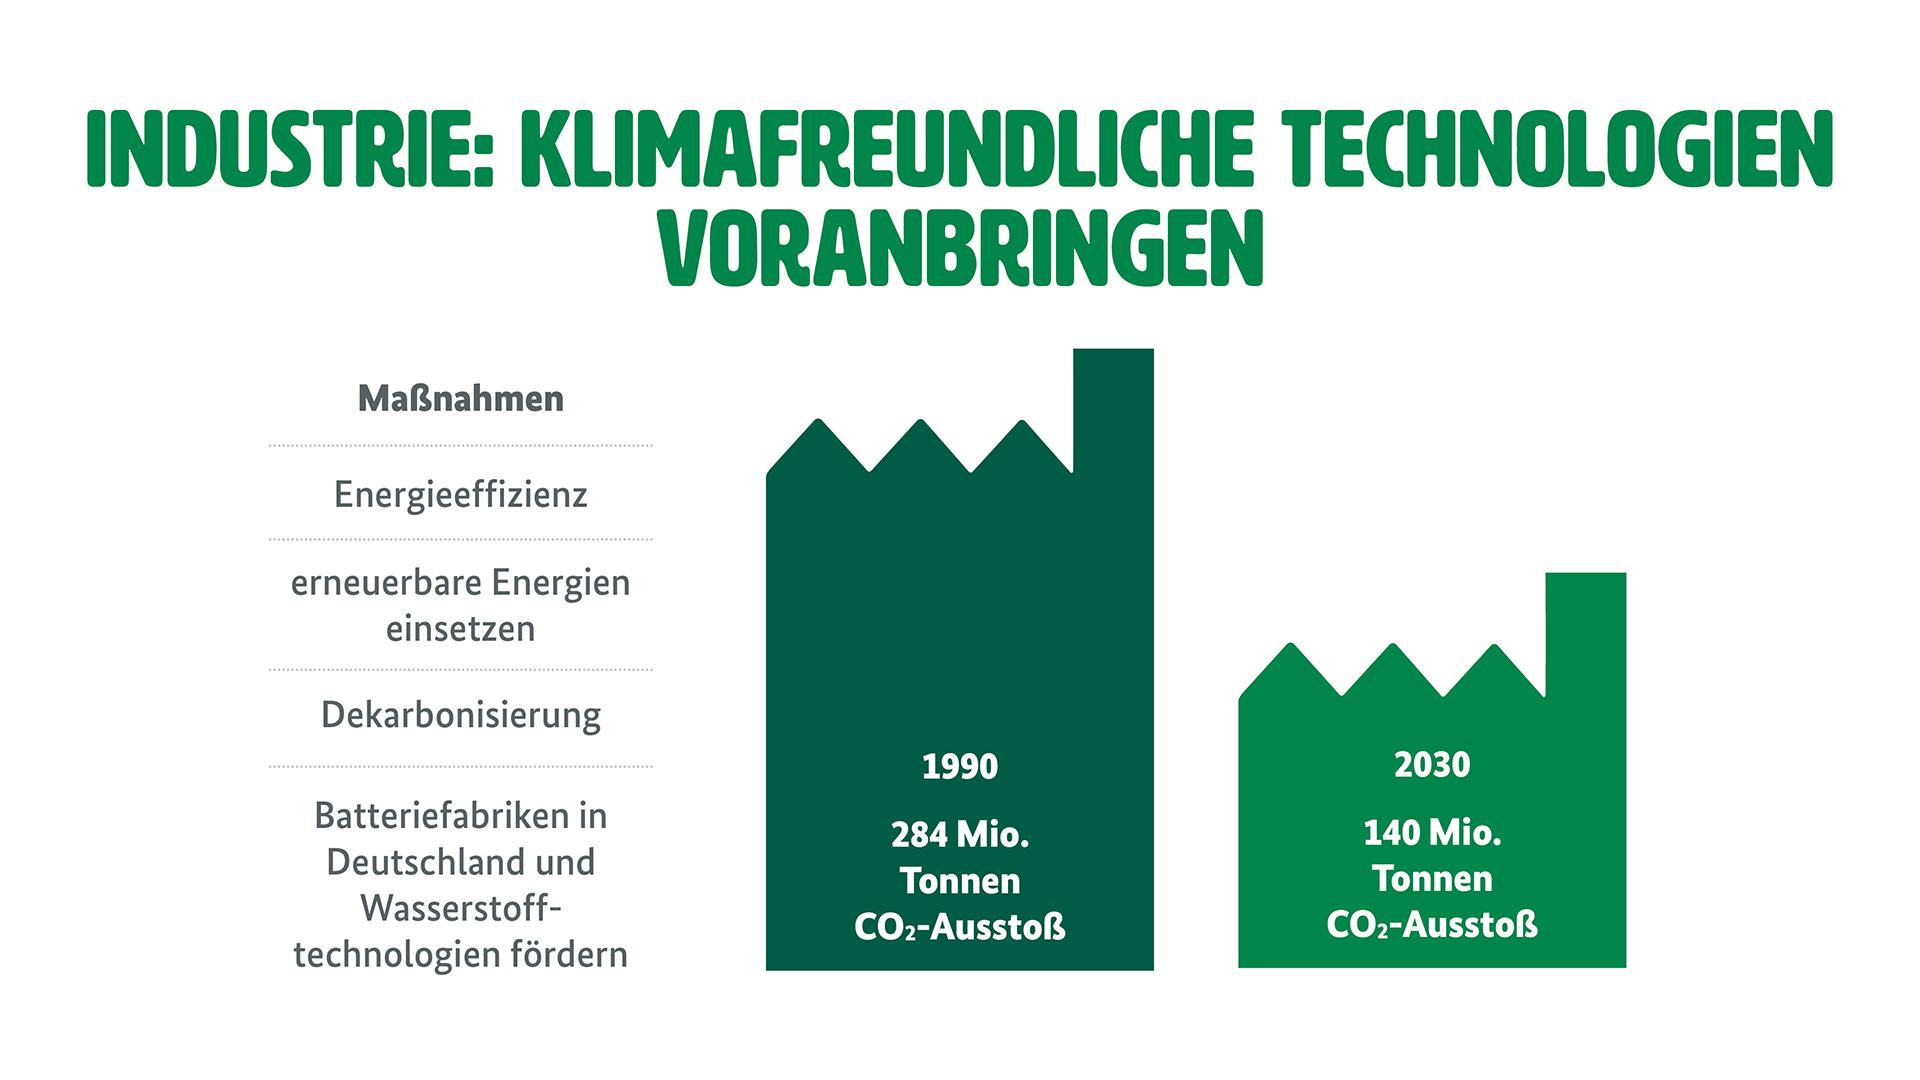 """Grafik zum Ziel einer klimafreundlichen Industrie (Weitere Beschreibung unterhalb des Bildes ausklappbar als """"ausführliche Beschreibung"""")"""